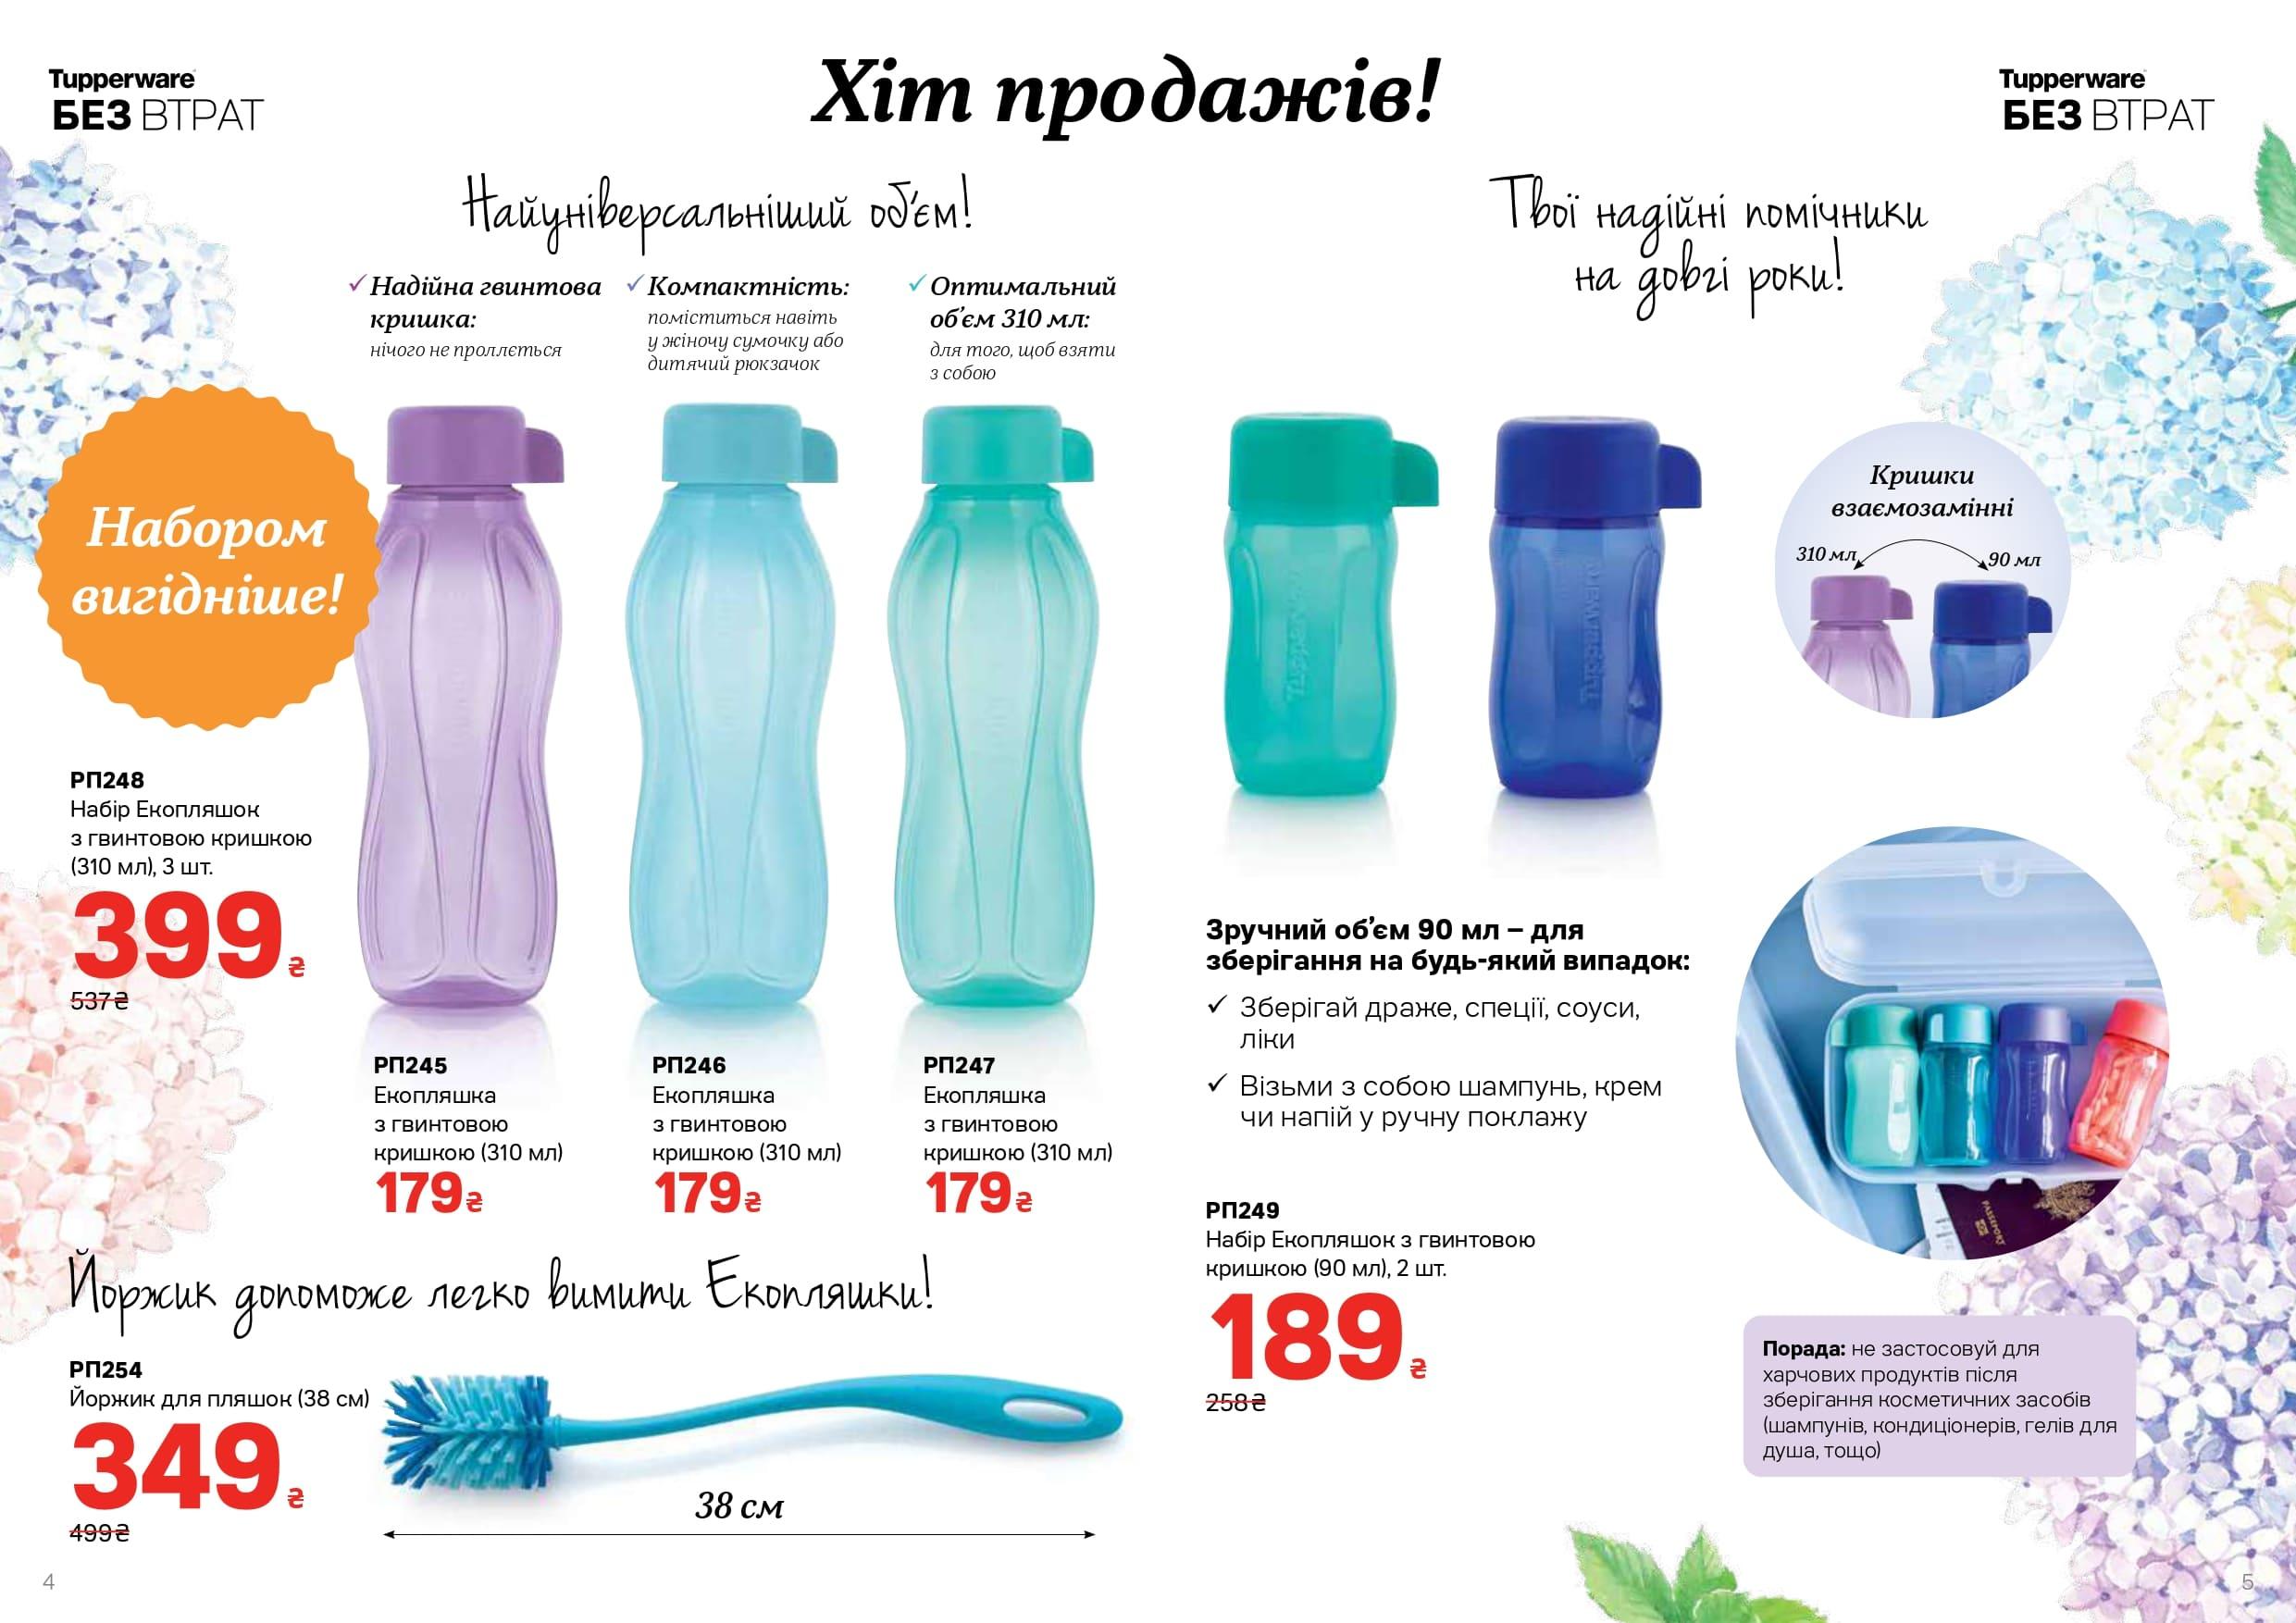 Эко-бутылки всех цветов и размеров. Плюс акция на ёршик для чистки бутылок.